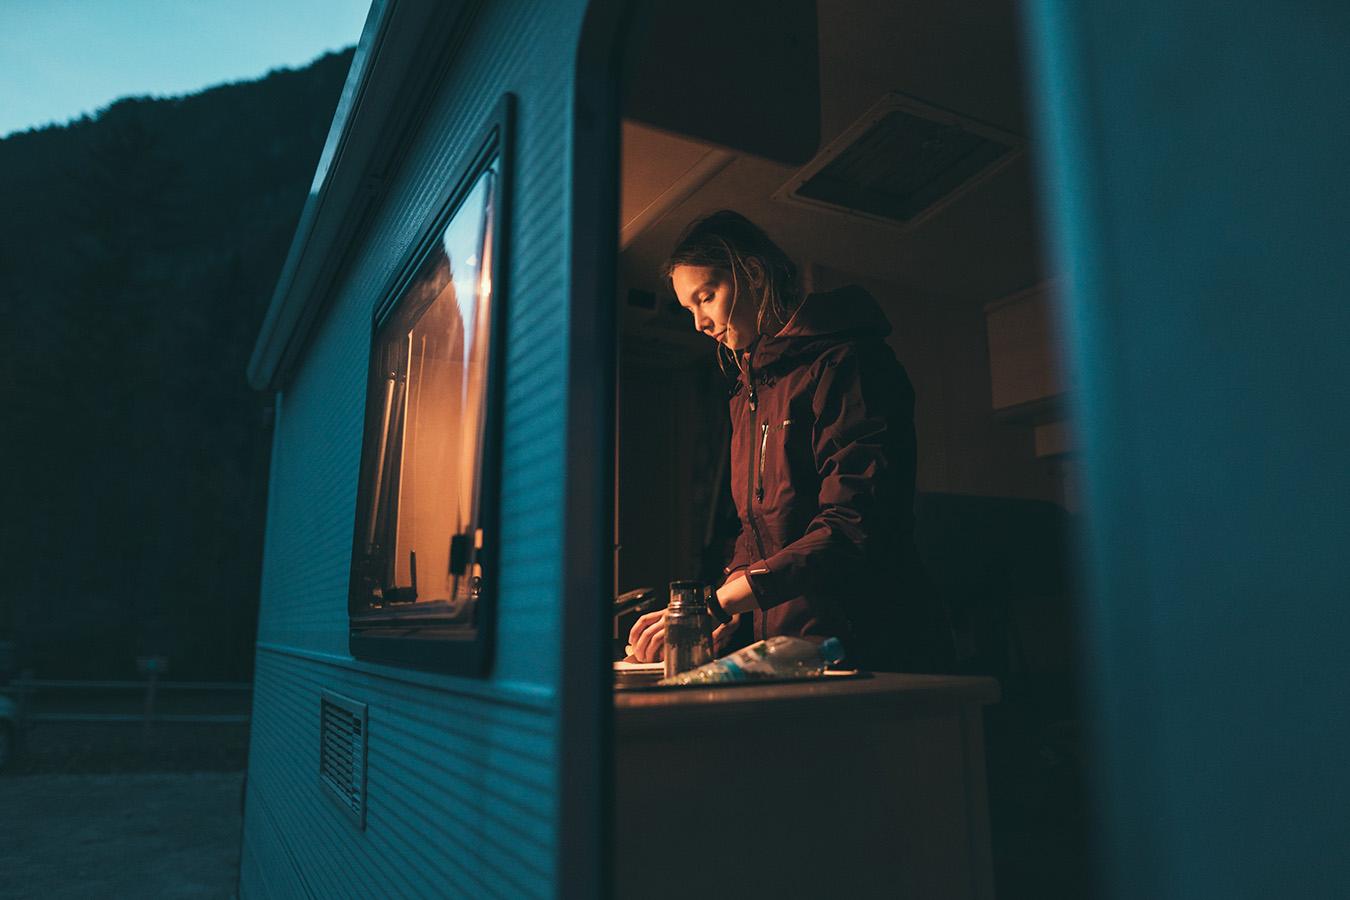 Vanlife, kamper, szykowanie jedzenia